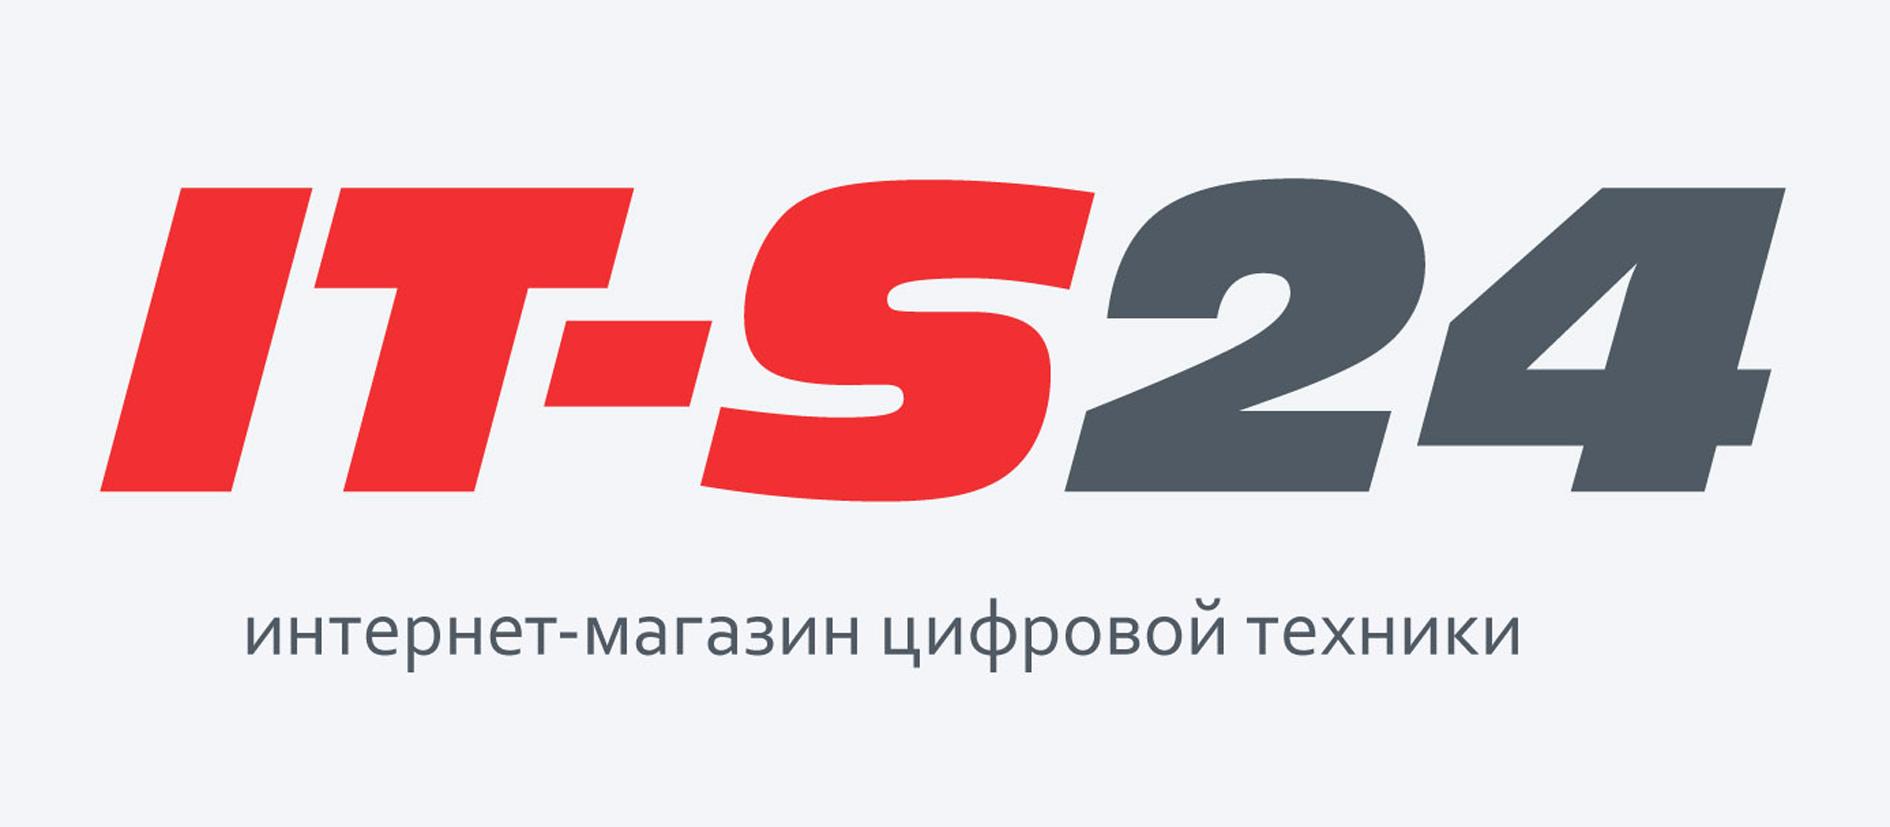 IT-S24